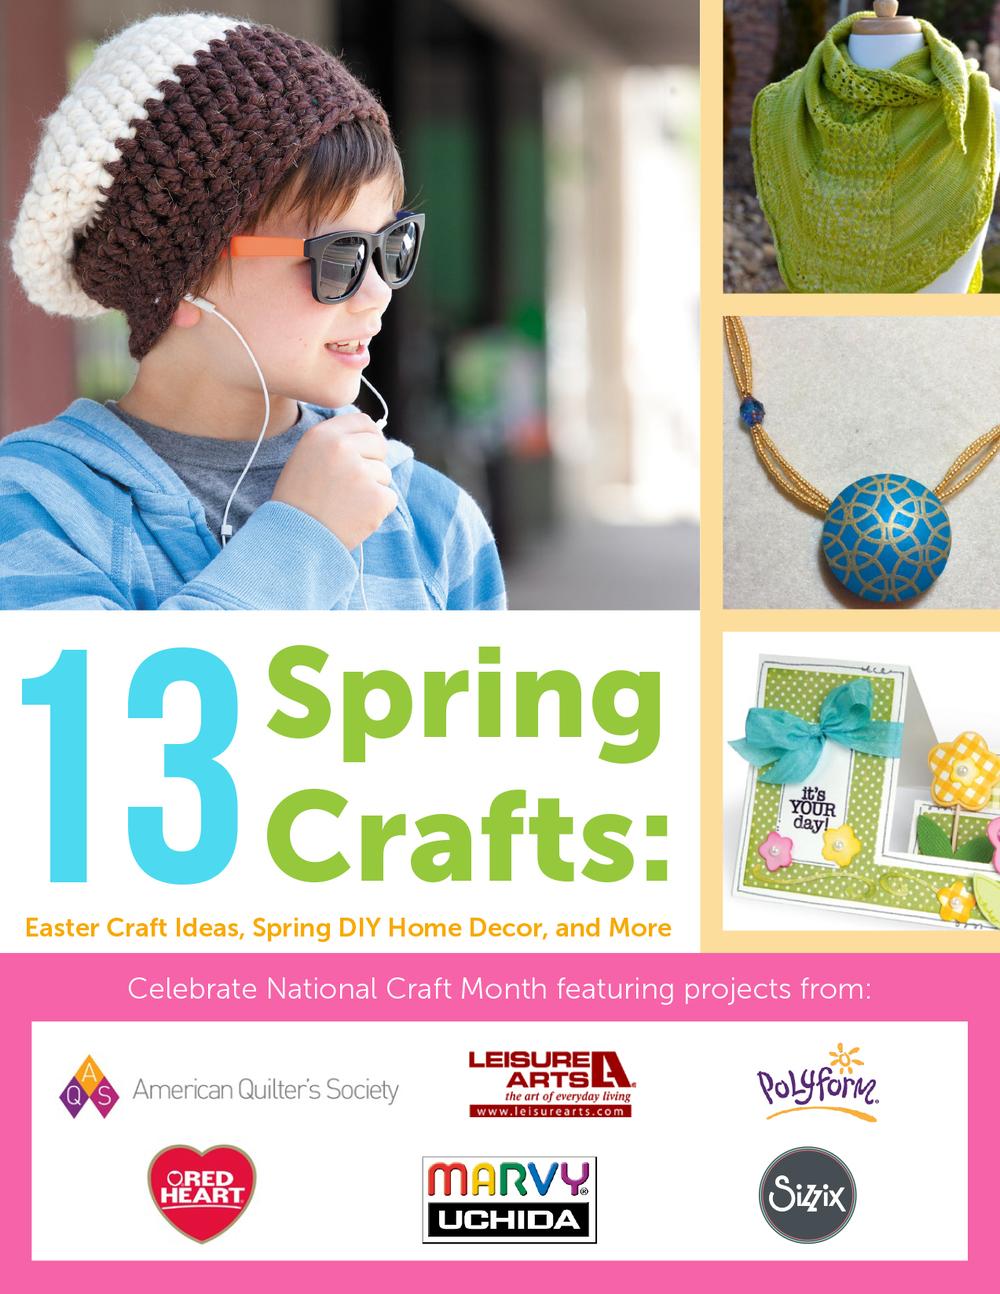 13 Spring Crafts Easter Craft Ideas Spring Diy Home Decor And More Free Ebook Favecrafts Com